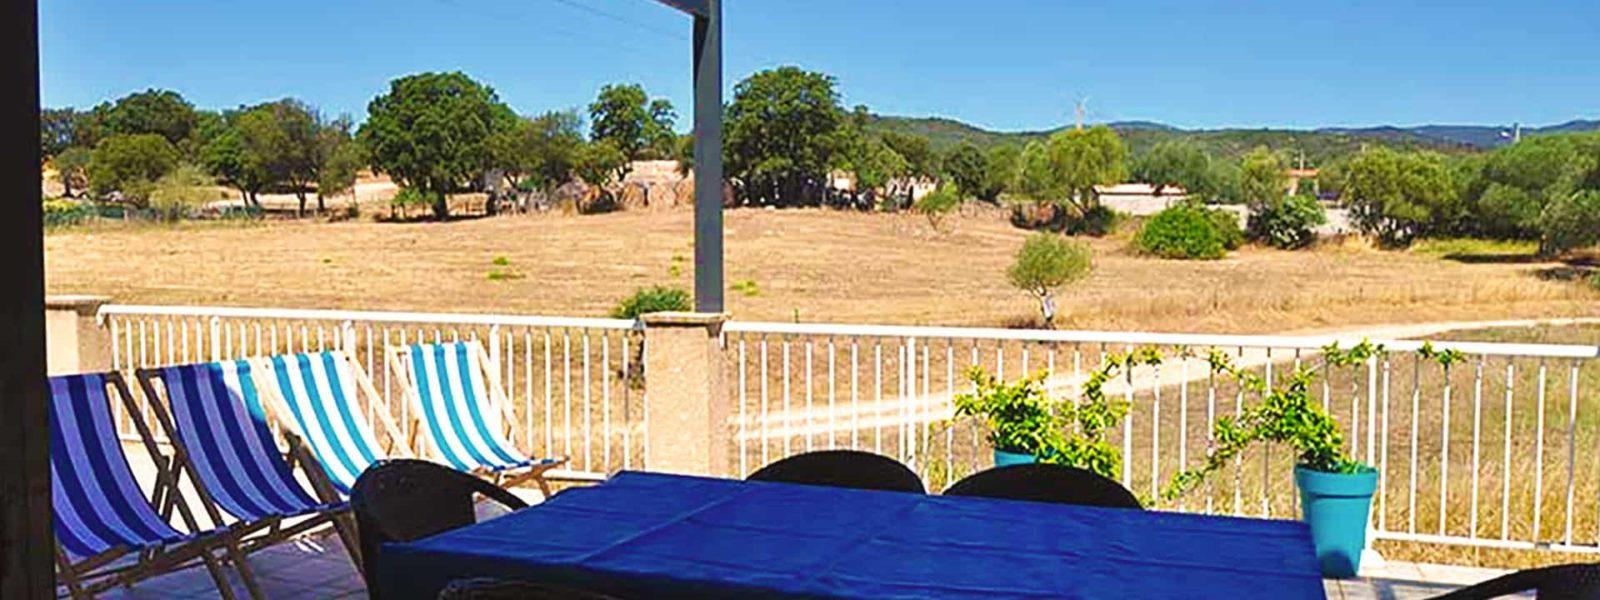 Location duplex pour 6 en Corse du Sud - Le Pietra Rossa, Casa Favalella